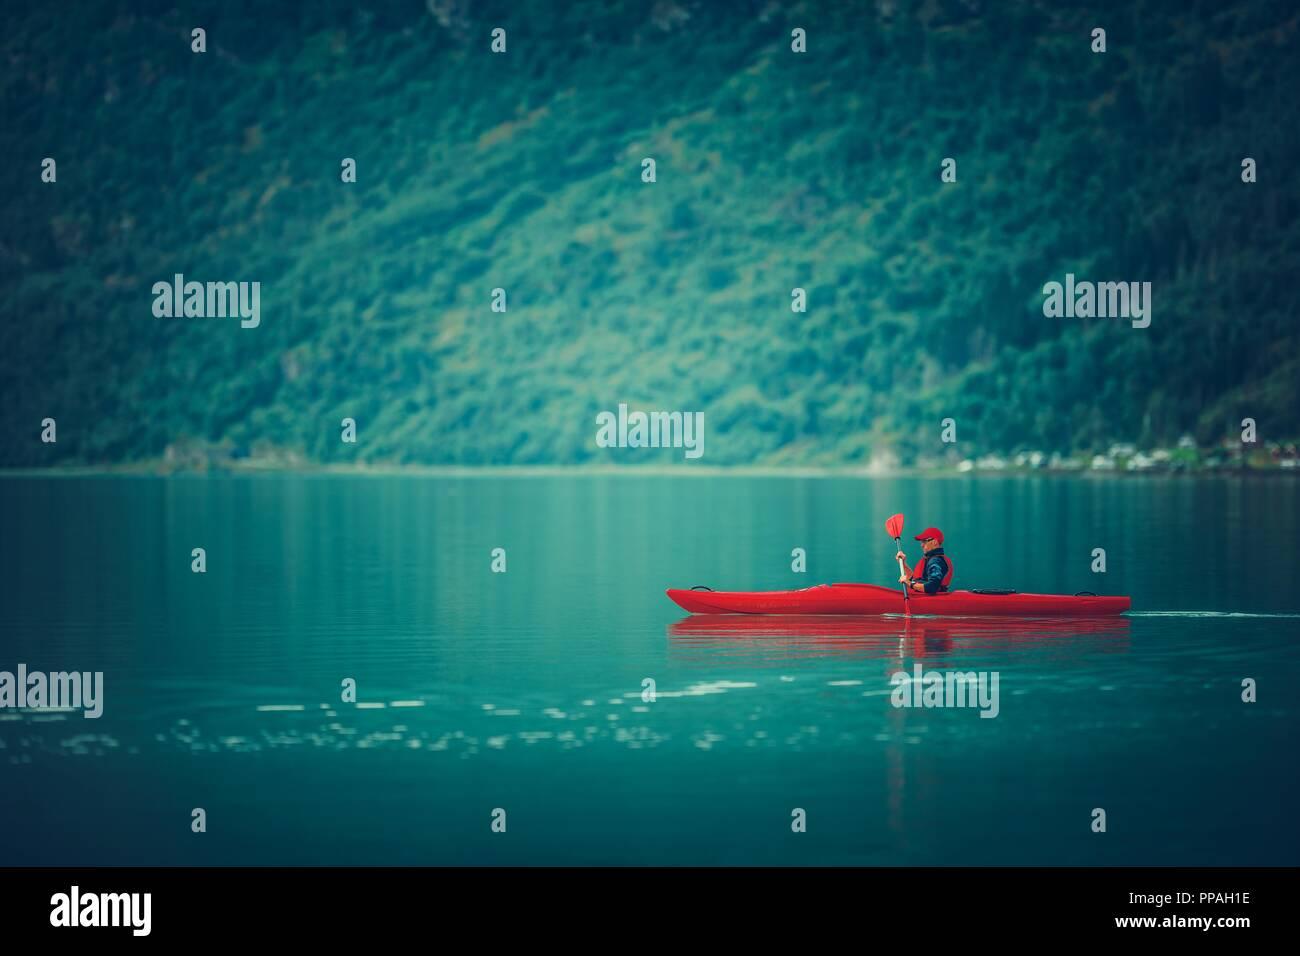 Glacial Lake Kayaking. Caucasian Sportsman Paddling in the Red Kayak. - Stock Image